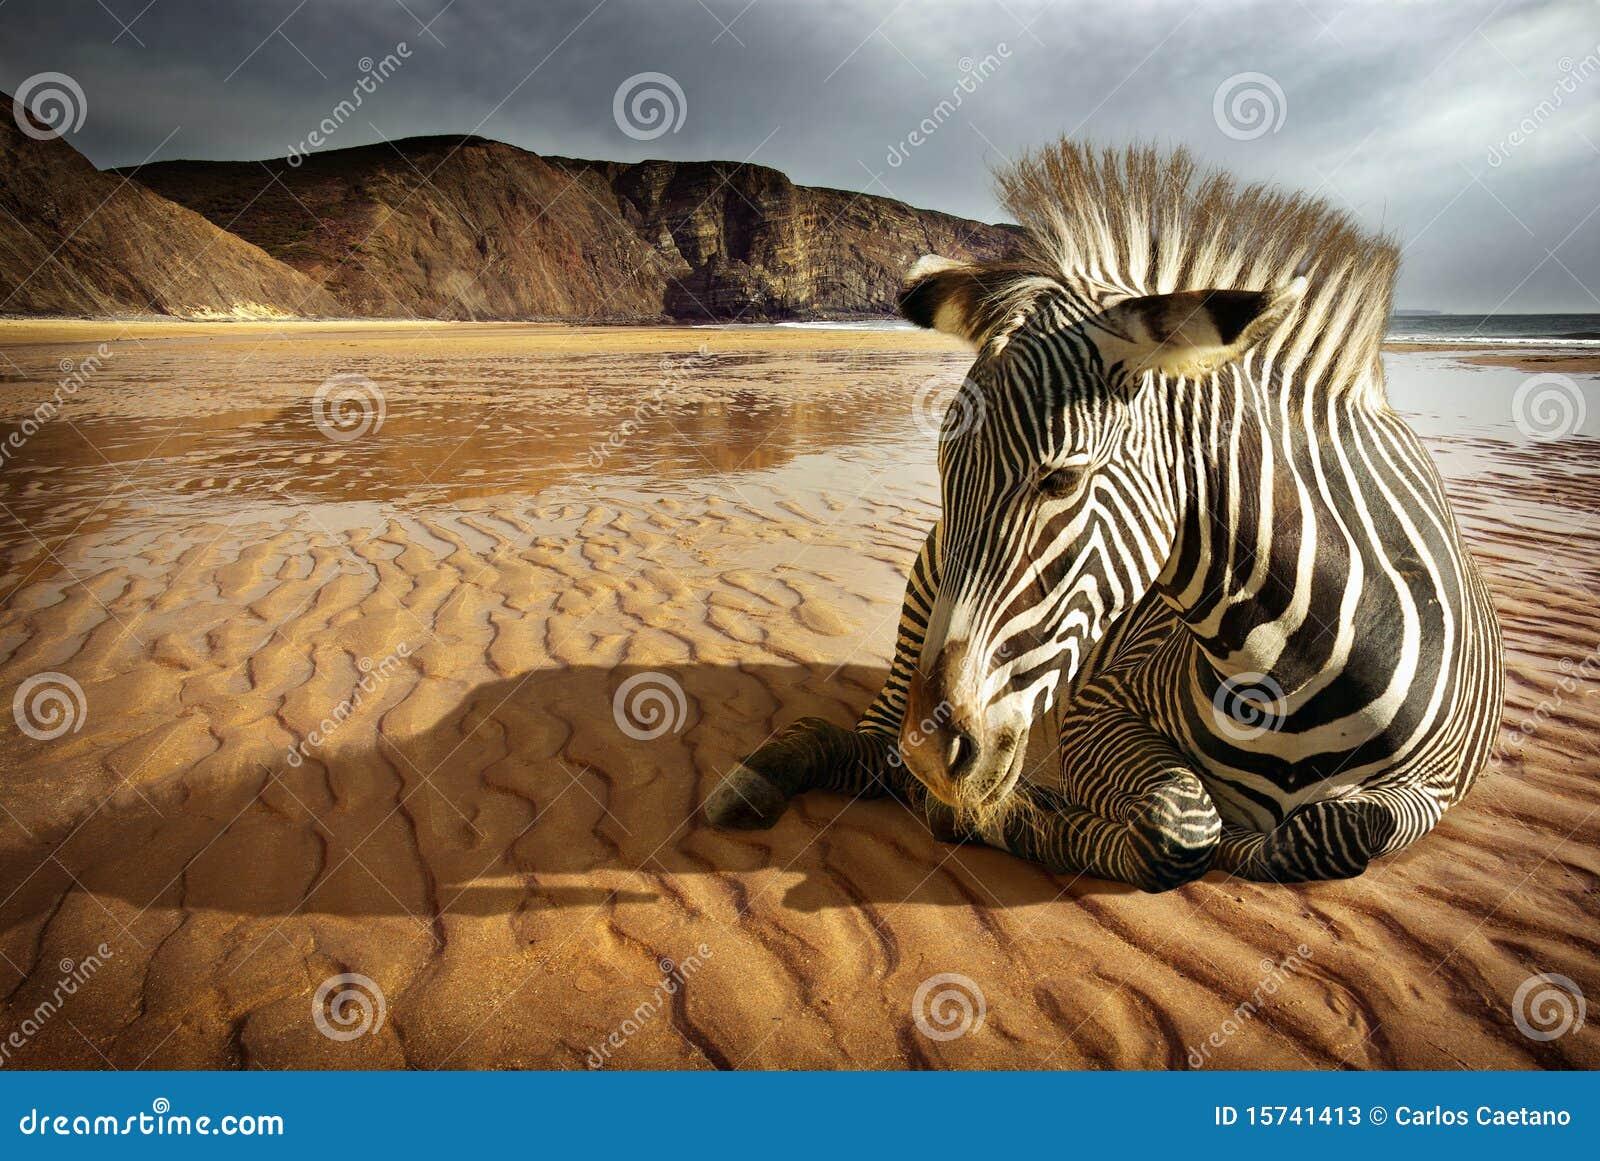 Encalhe a zebra